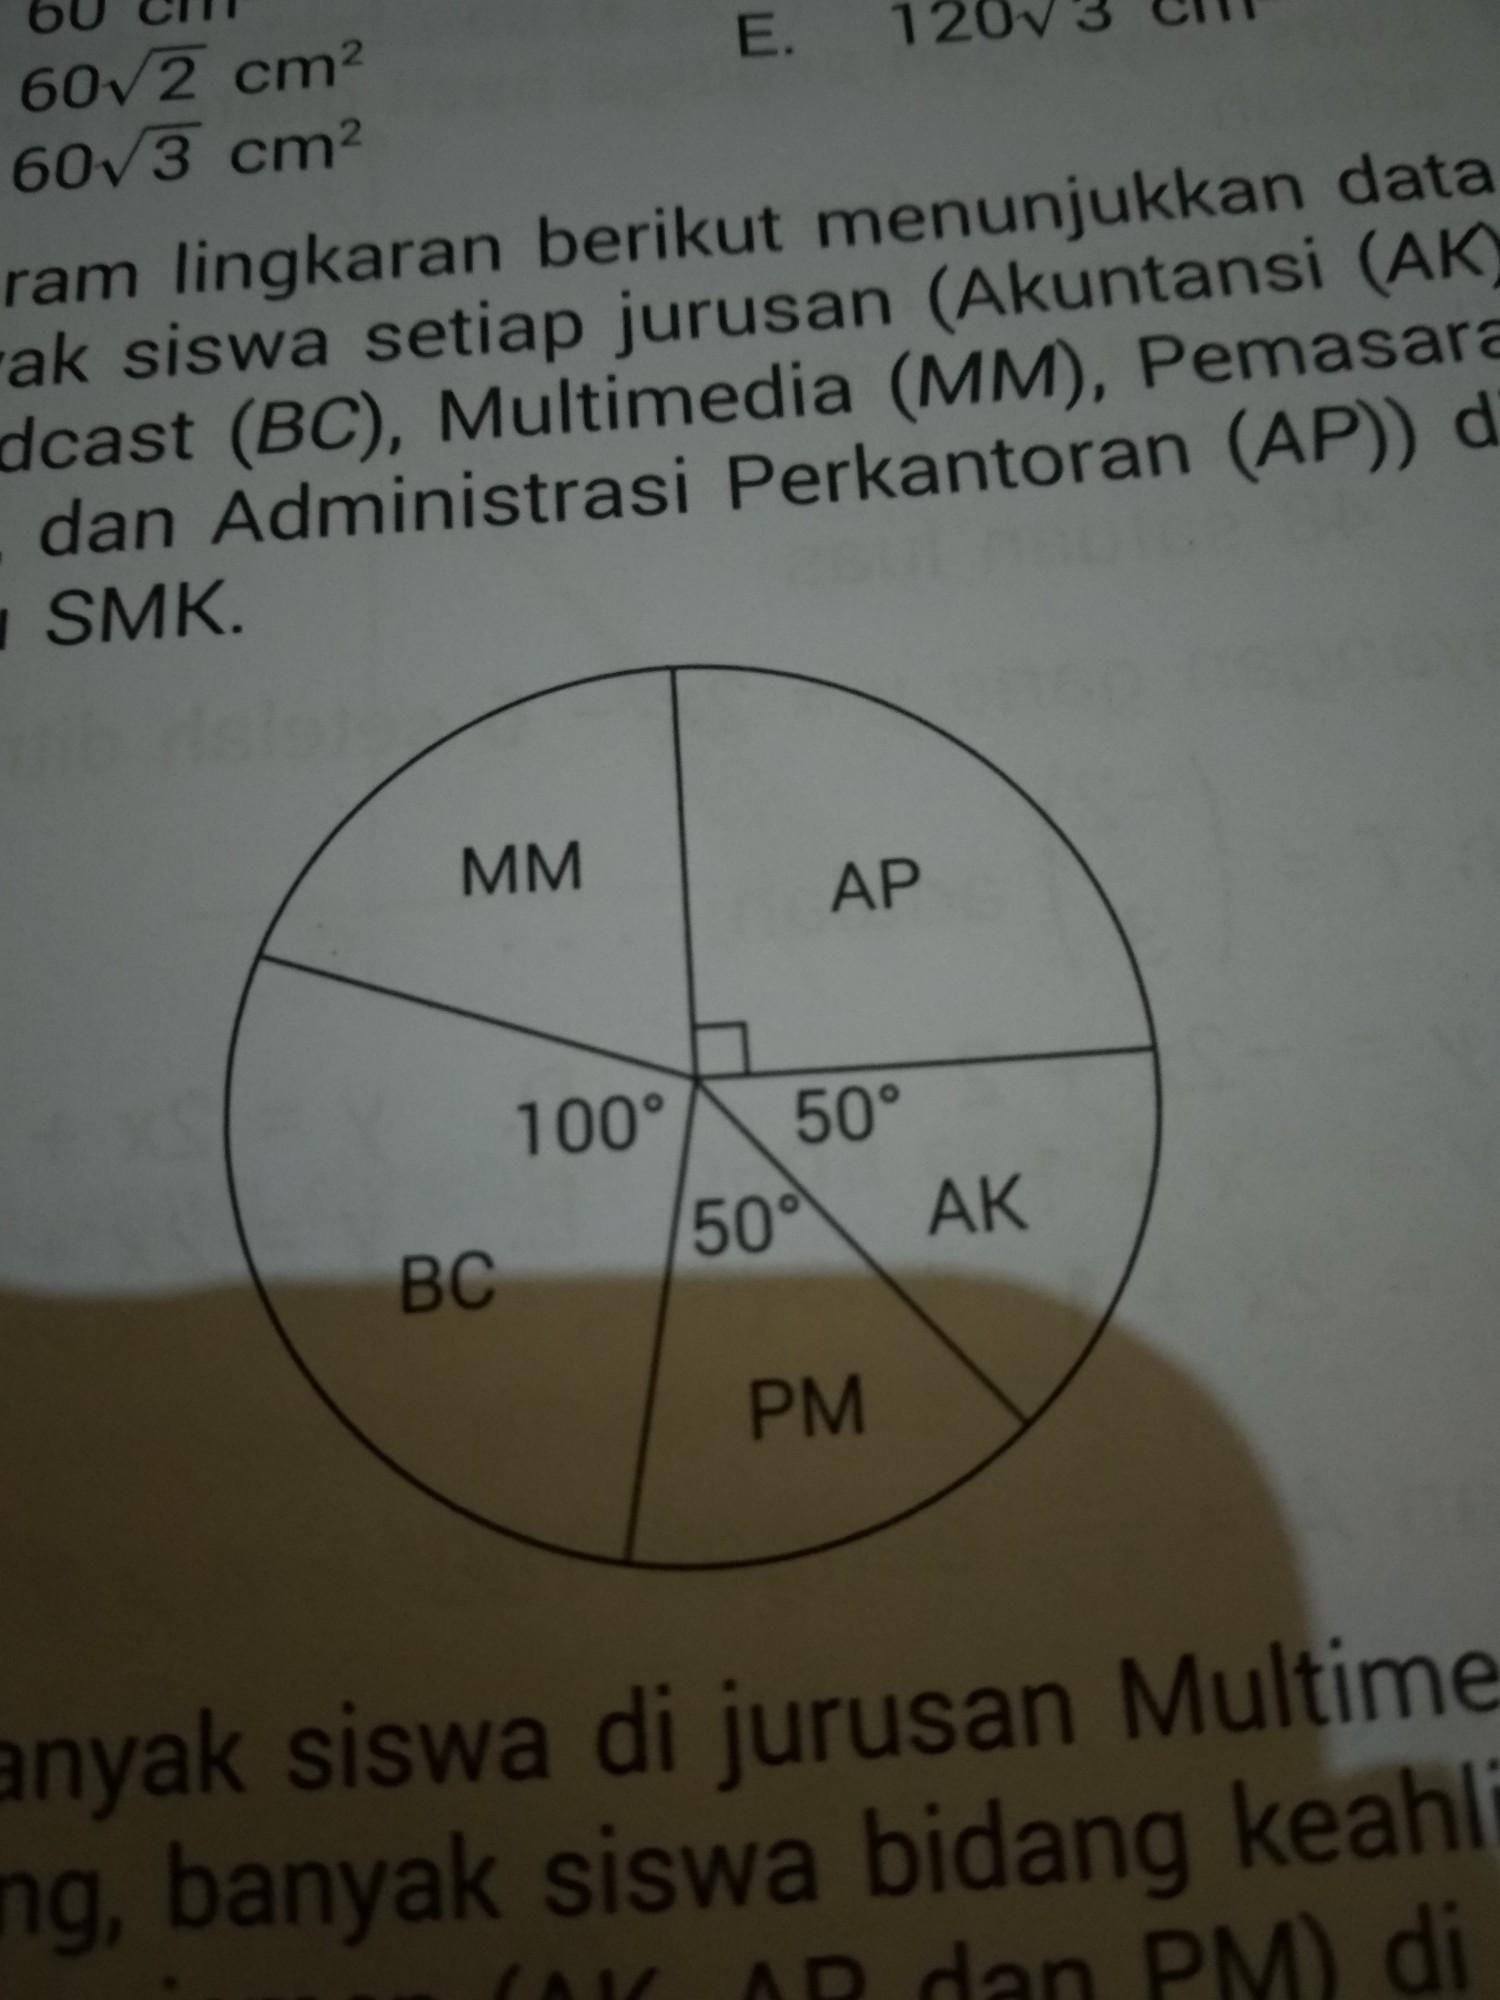 Diagram Lingkaran Berikut Menunjukan Data Banyak Siswa Setiap